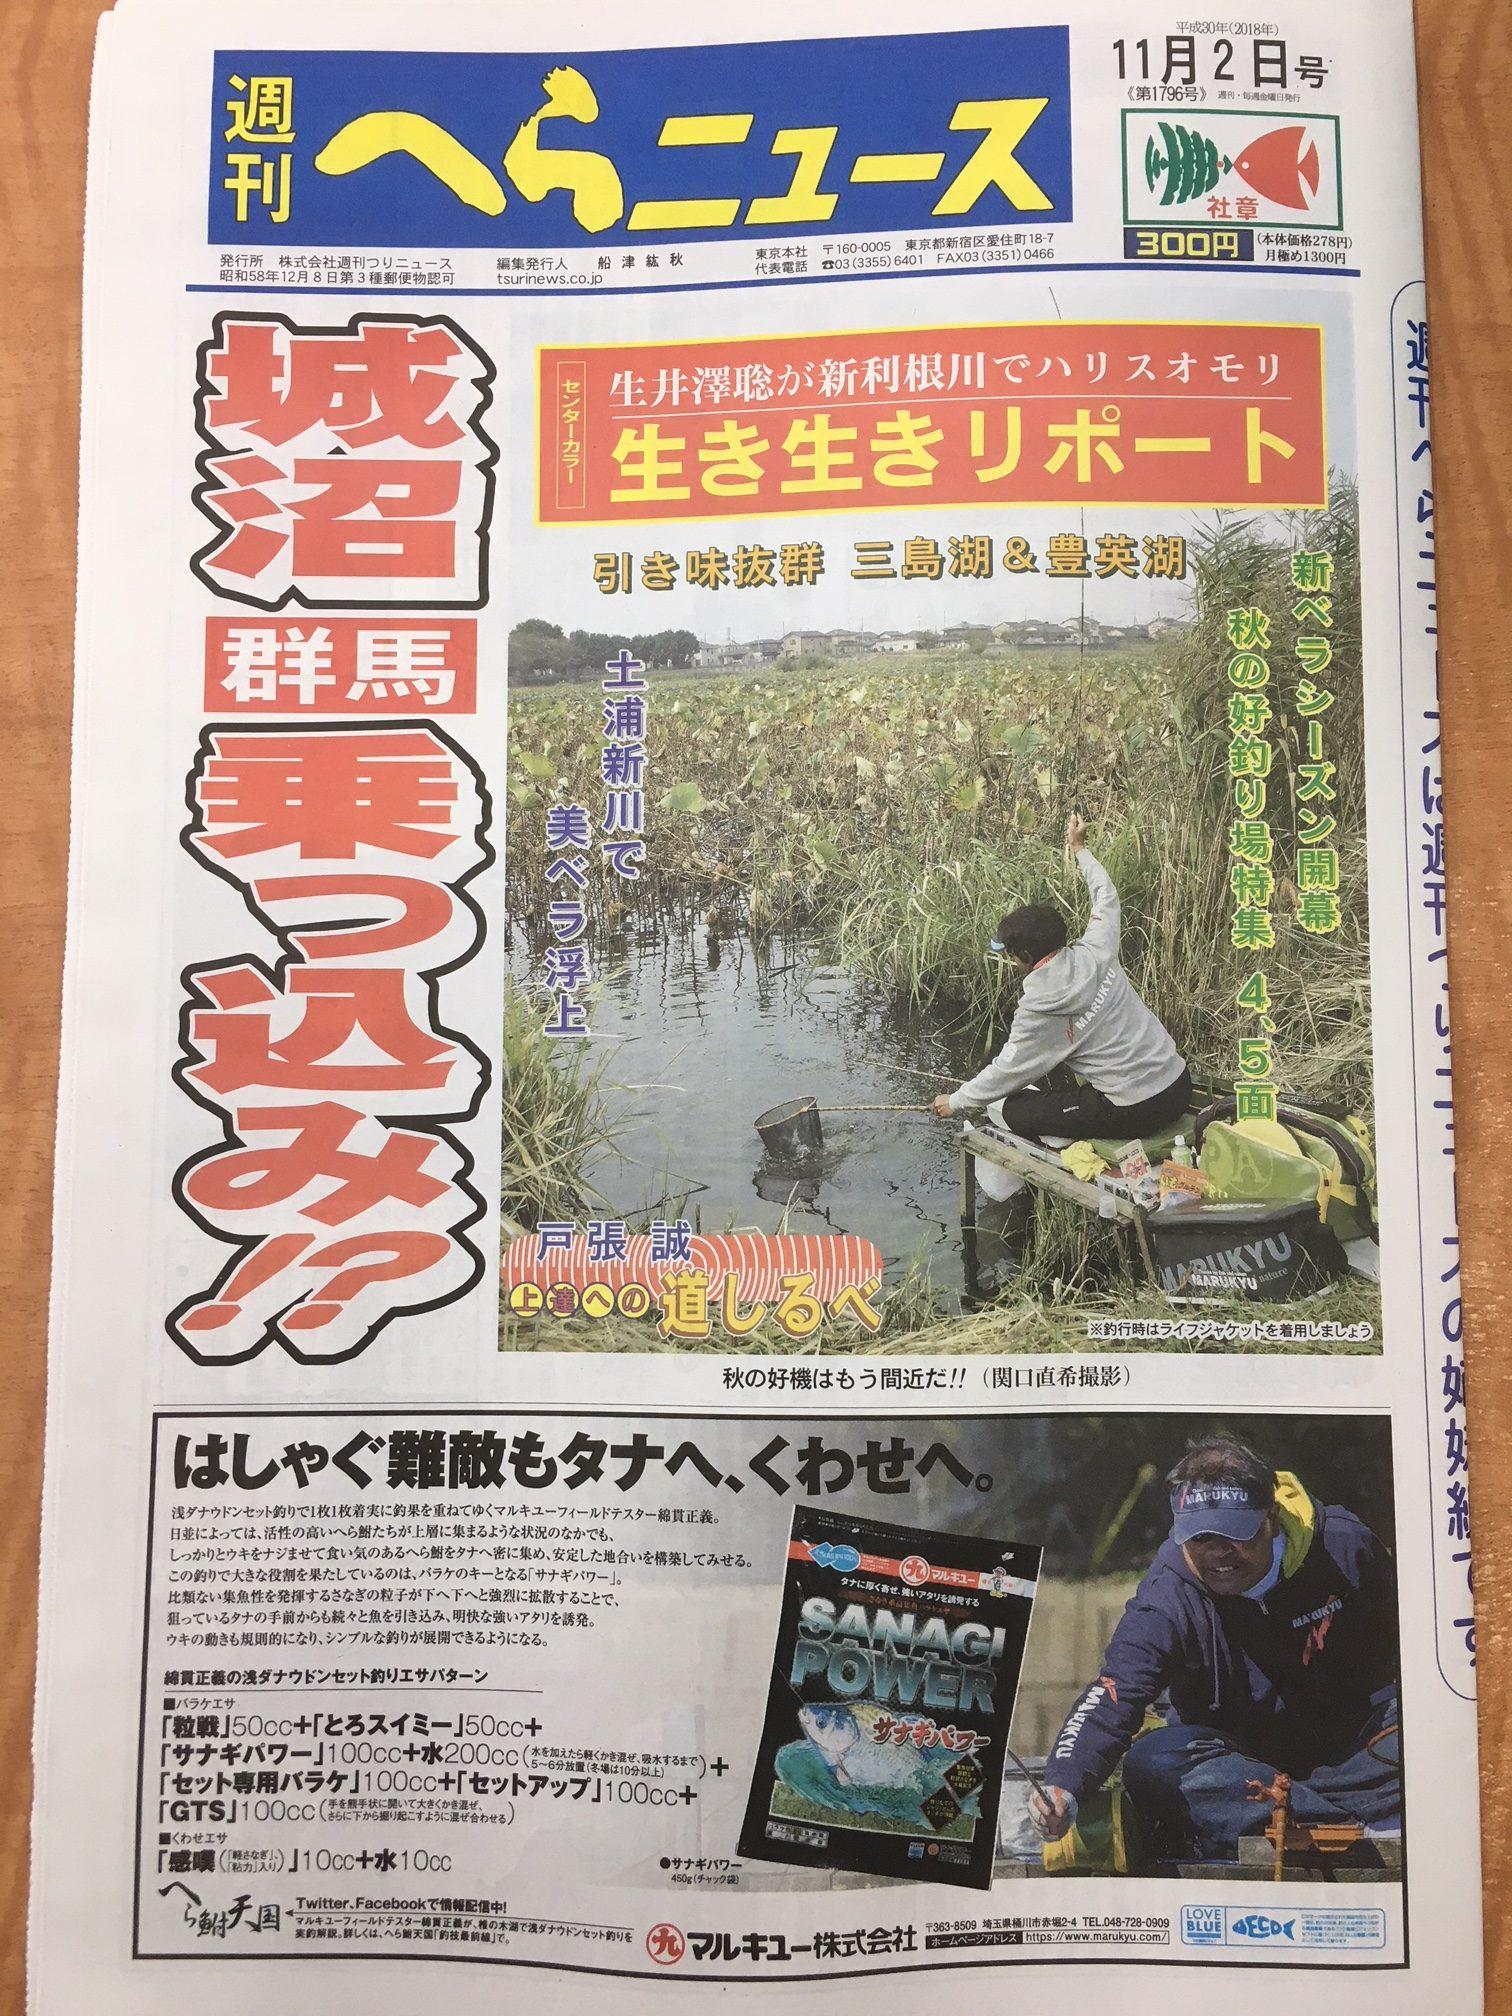 スタッフ千鮎掲載!週刊つりニュース『週刊へらニュース11月2日号』